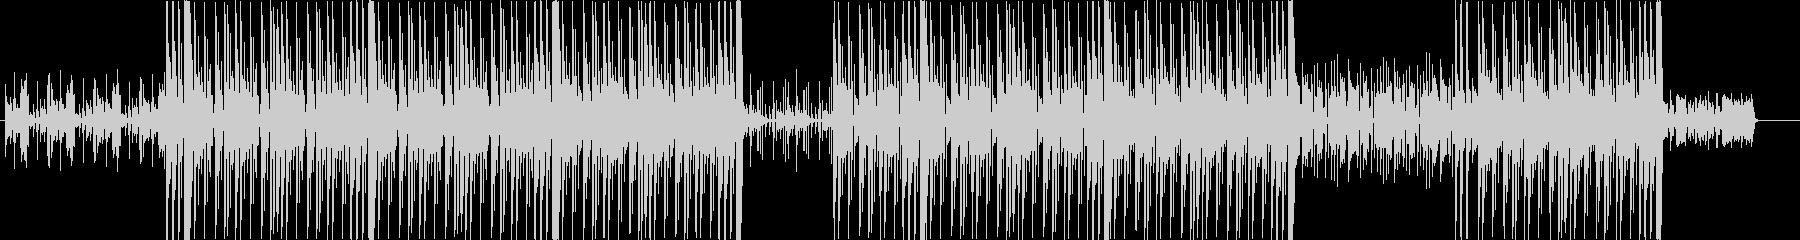 洋楽、エモR&B、トラップソウル♪の未再生の波形